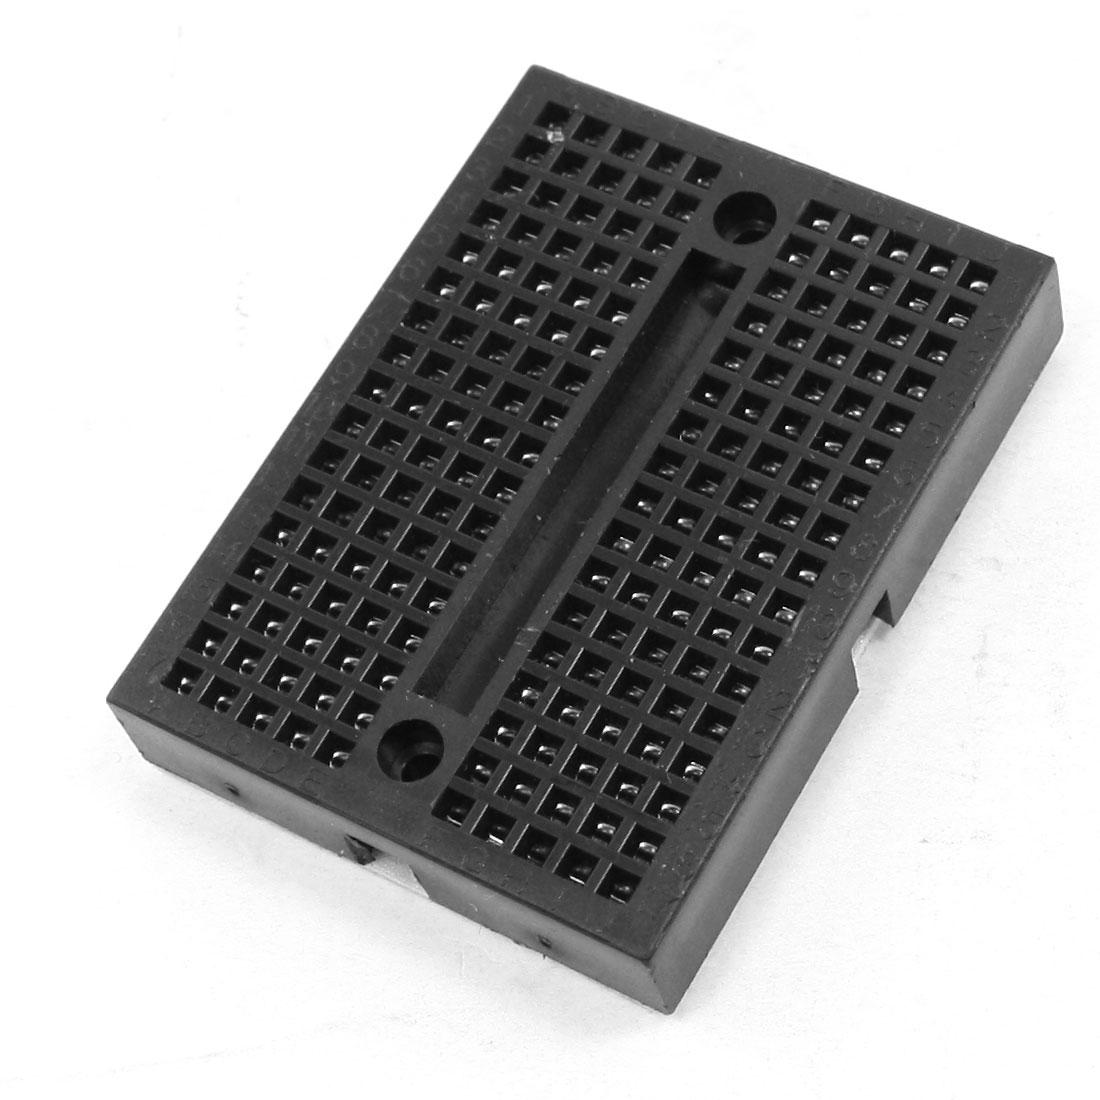 Circuit Test Board Breadboard 170Pcs Tiepoint 47mmx35mmx9mm Black